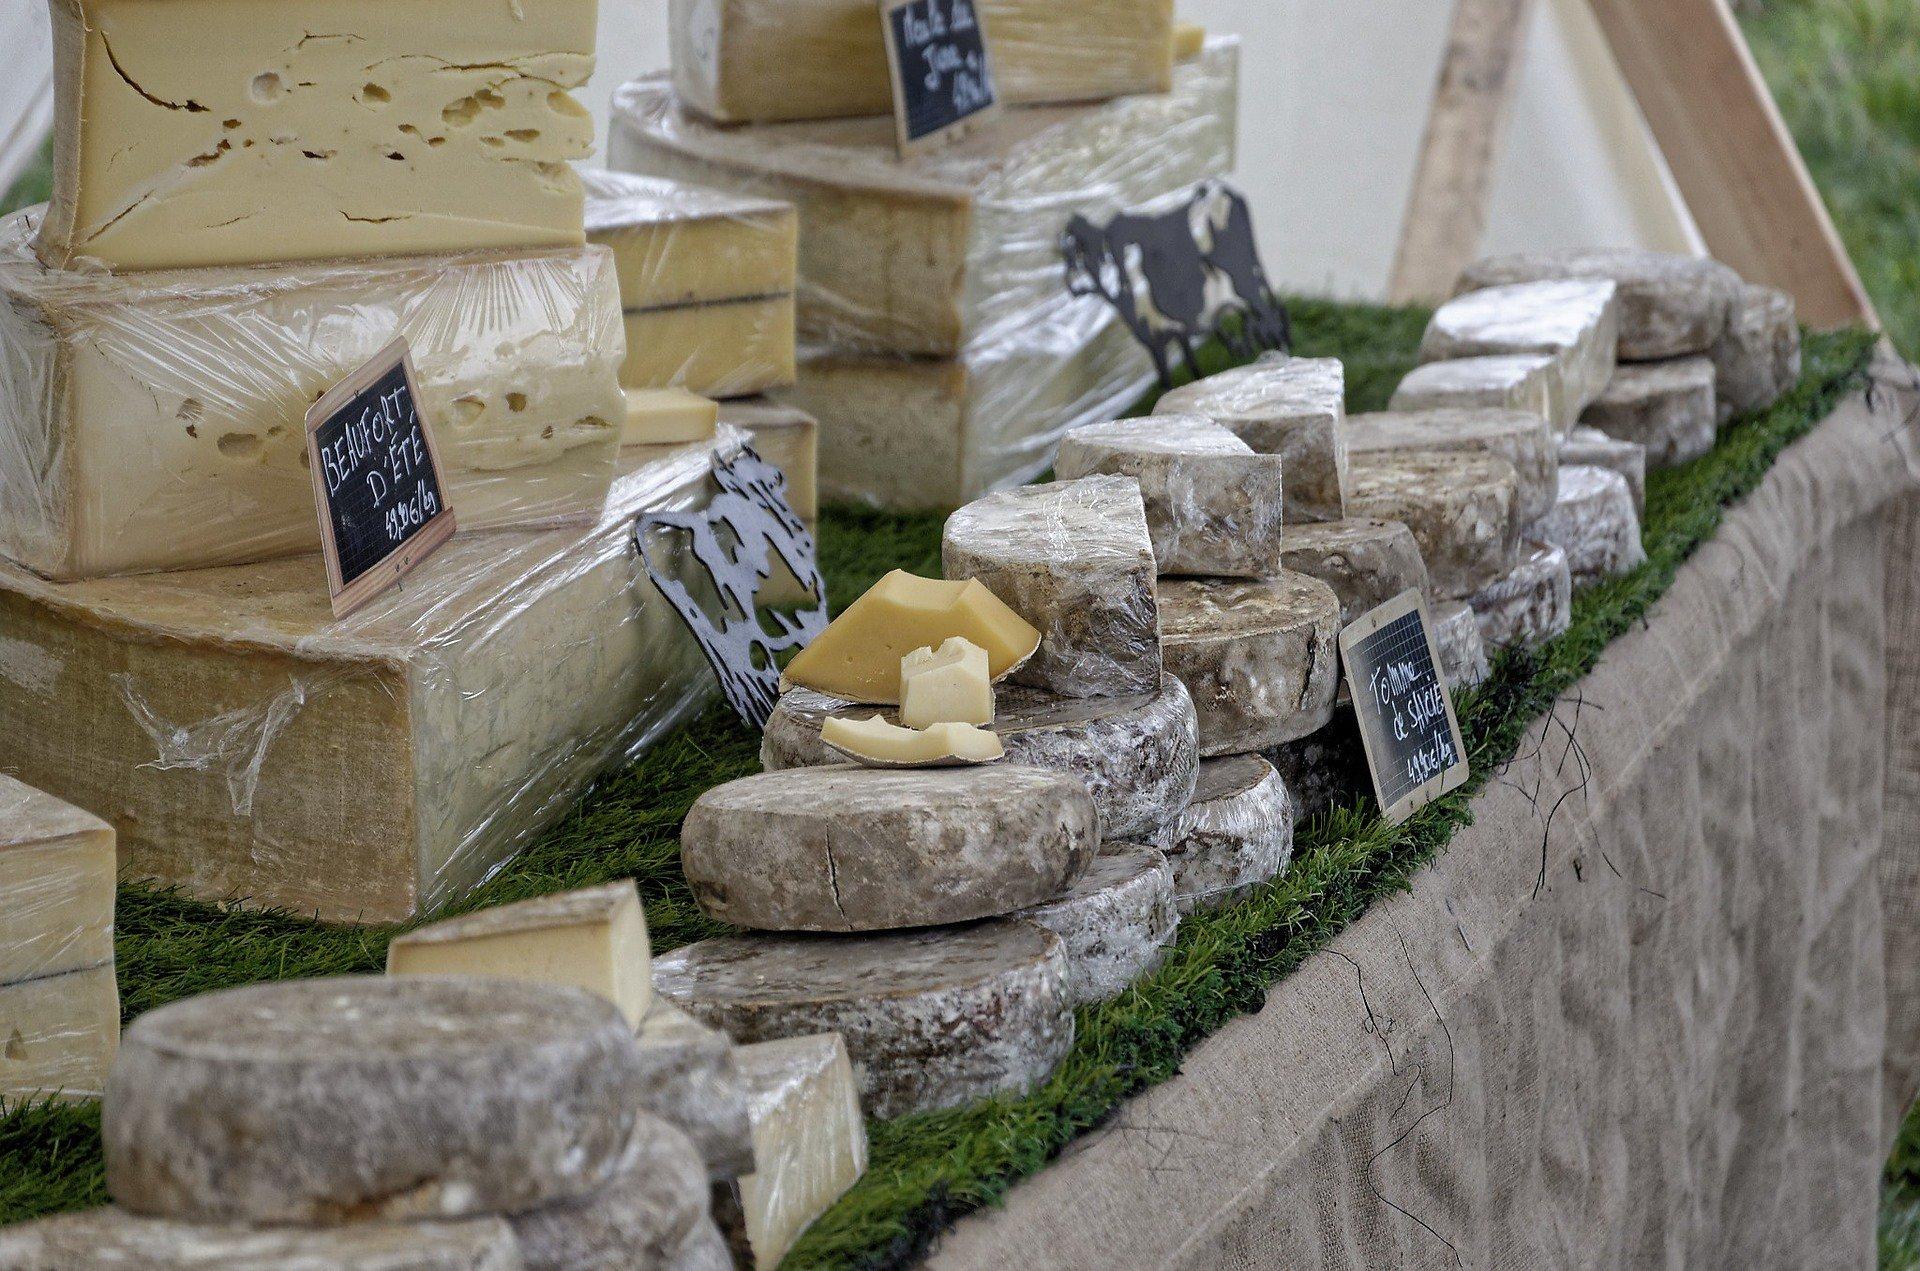 La fromagerie au vieux cassant-Villeneuve-d'Ascq